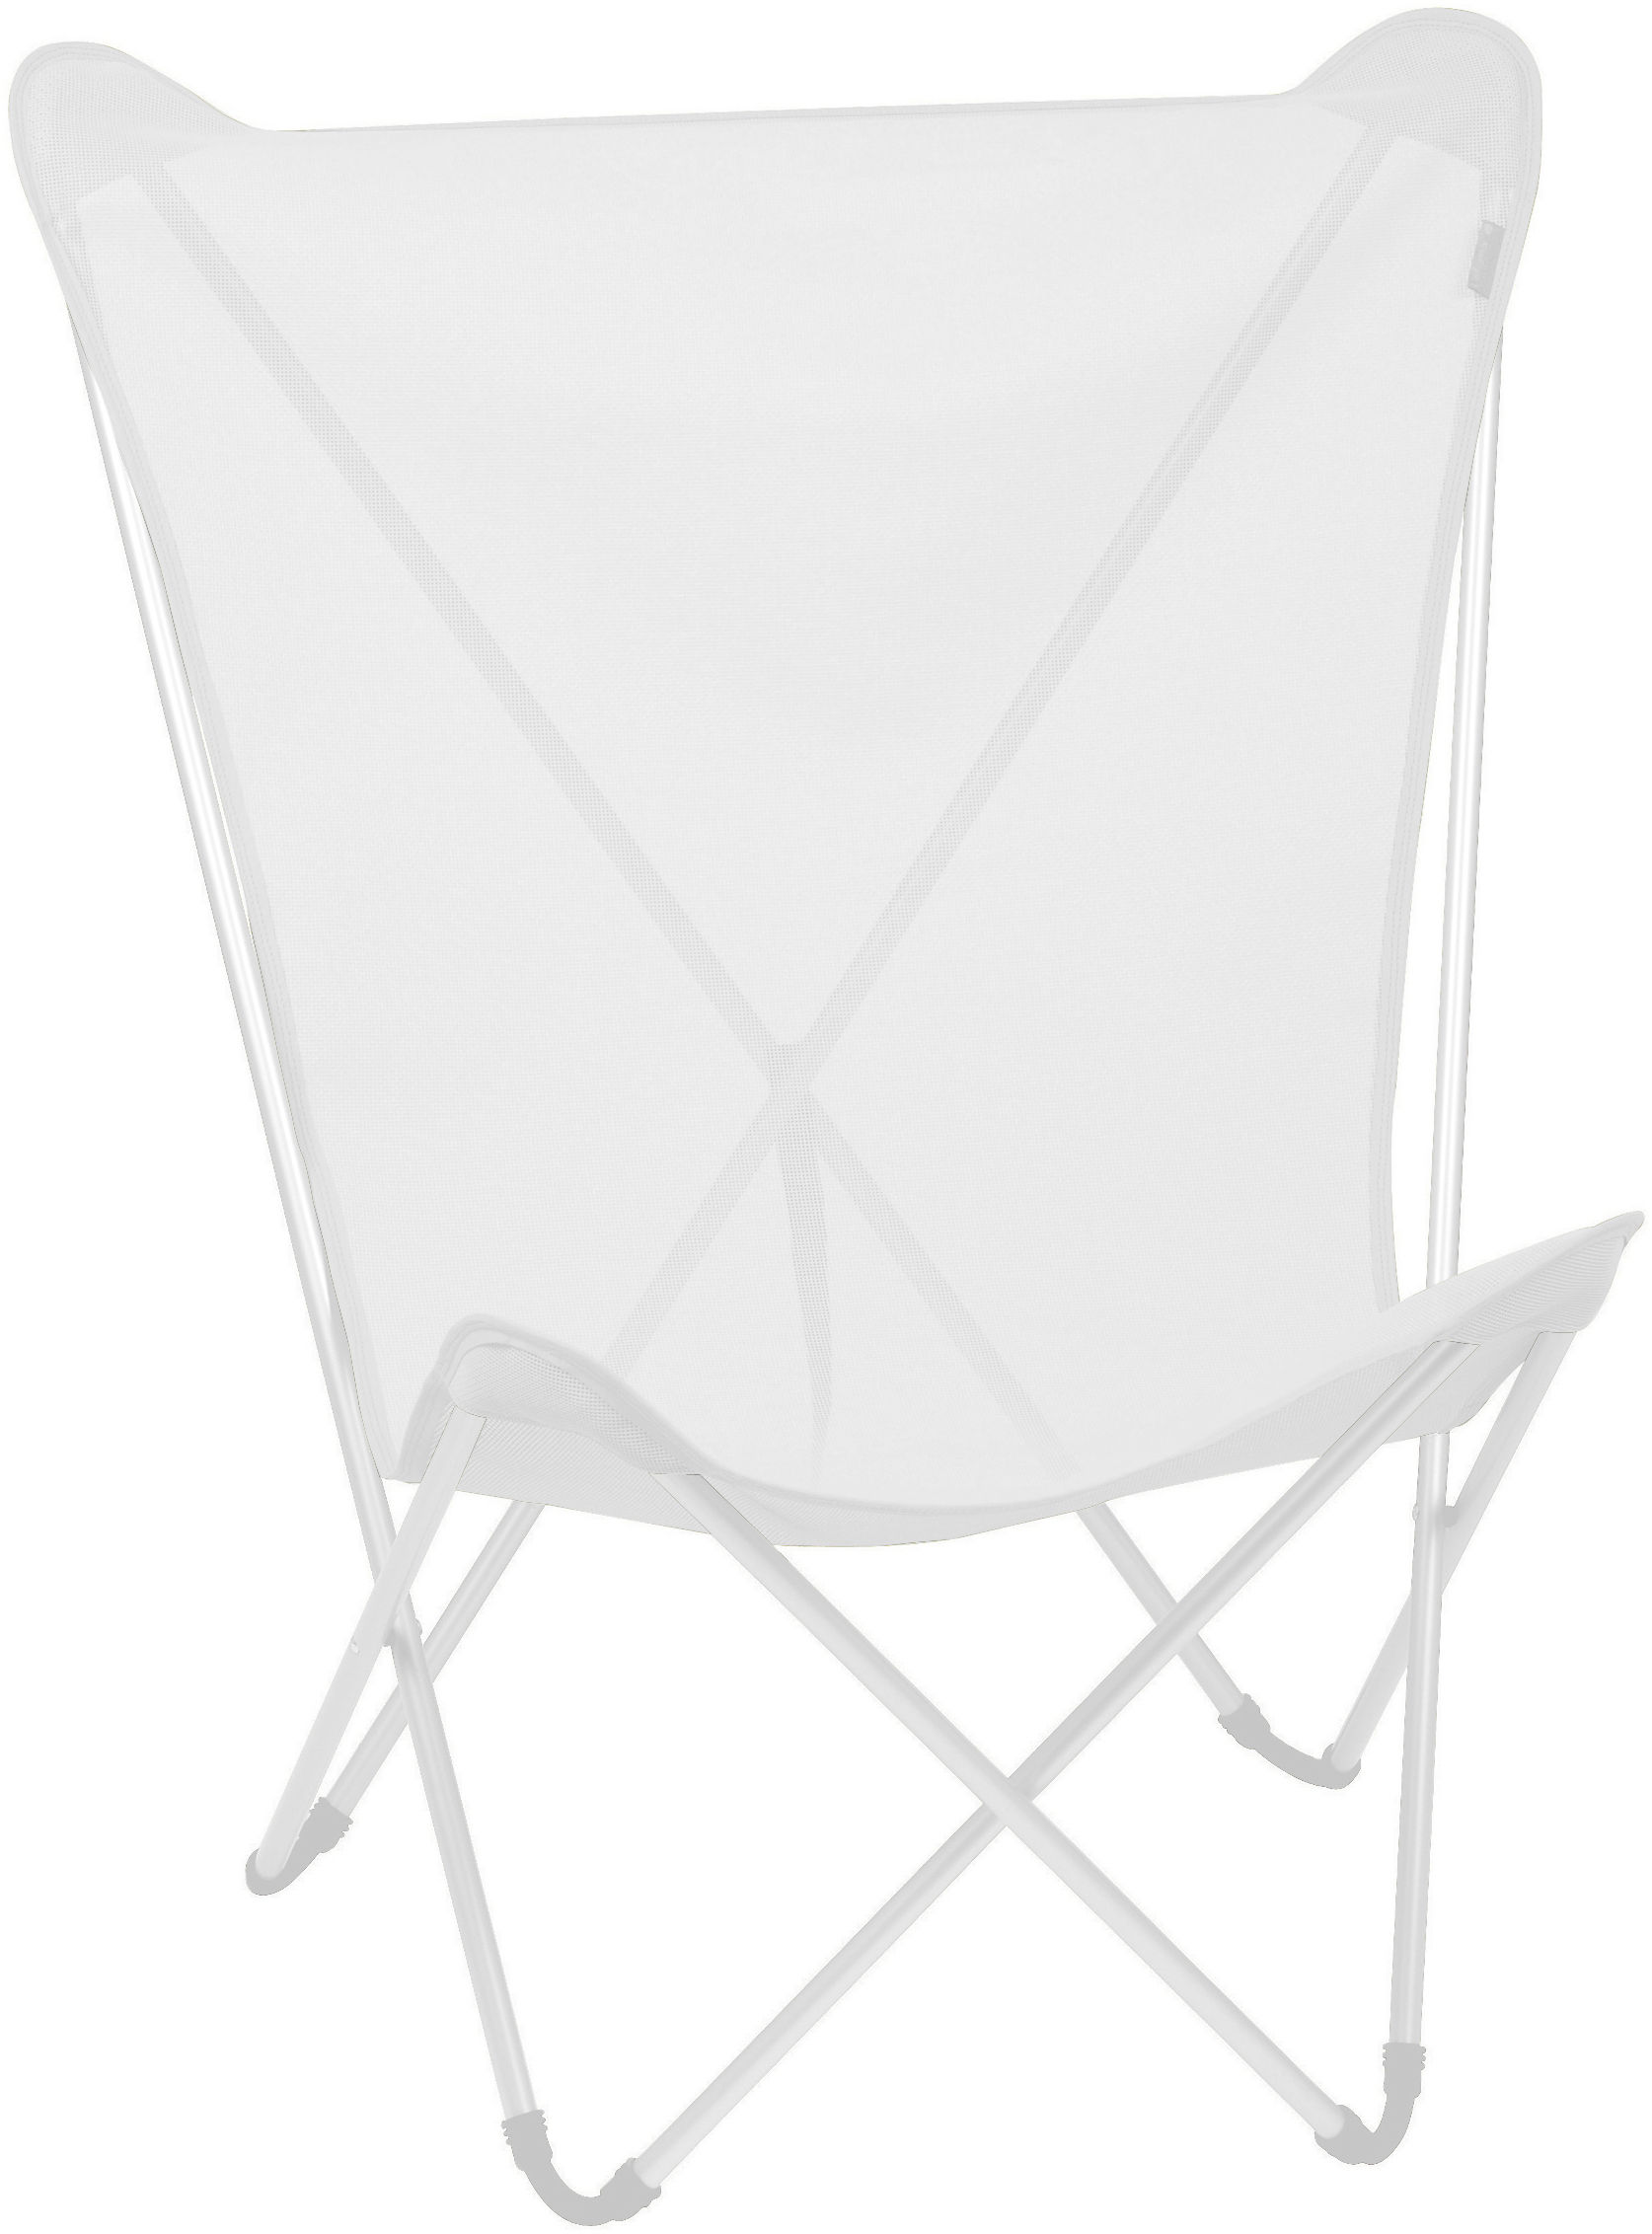 toile de rechange pour maxi pop up toile de rechange blanche lafuma. Black Bedroom Furniture Sets. Home Design Ideas